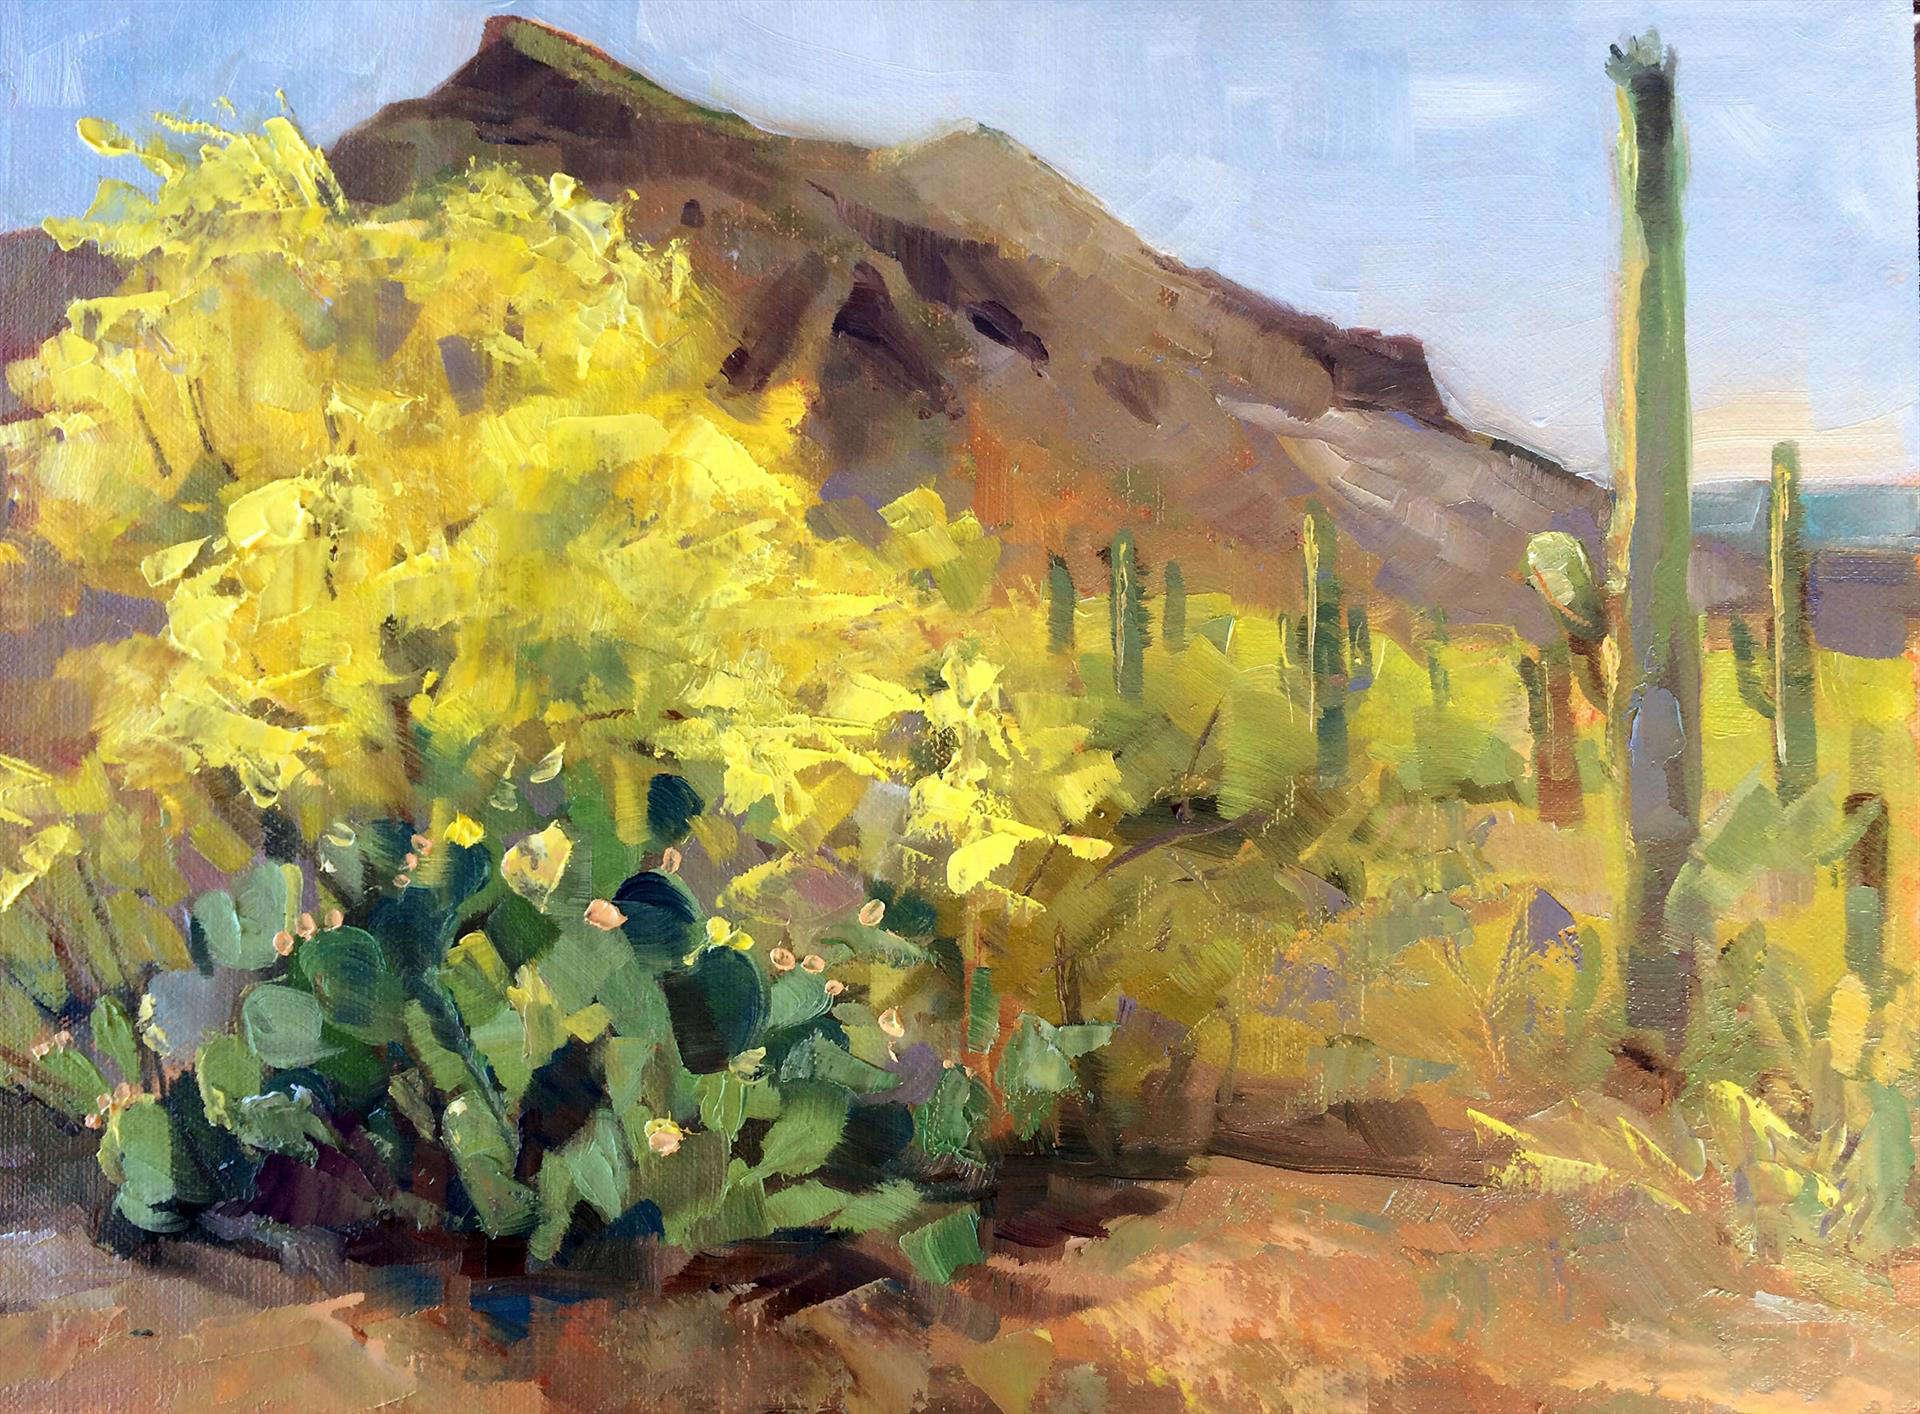 Kathleen Gray Farthing | DESERT SPRING |  oil | frame size 14x17